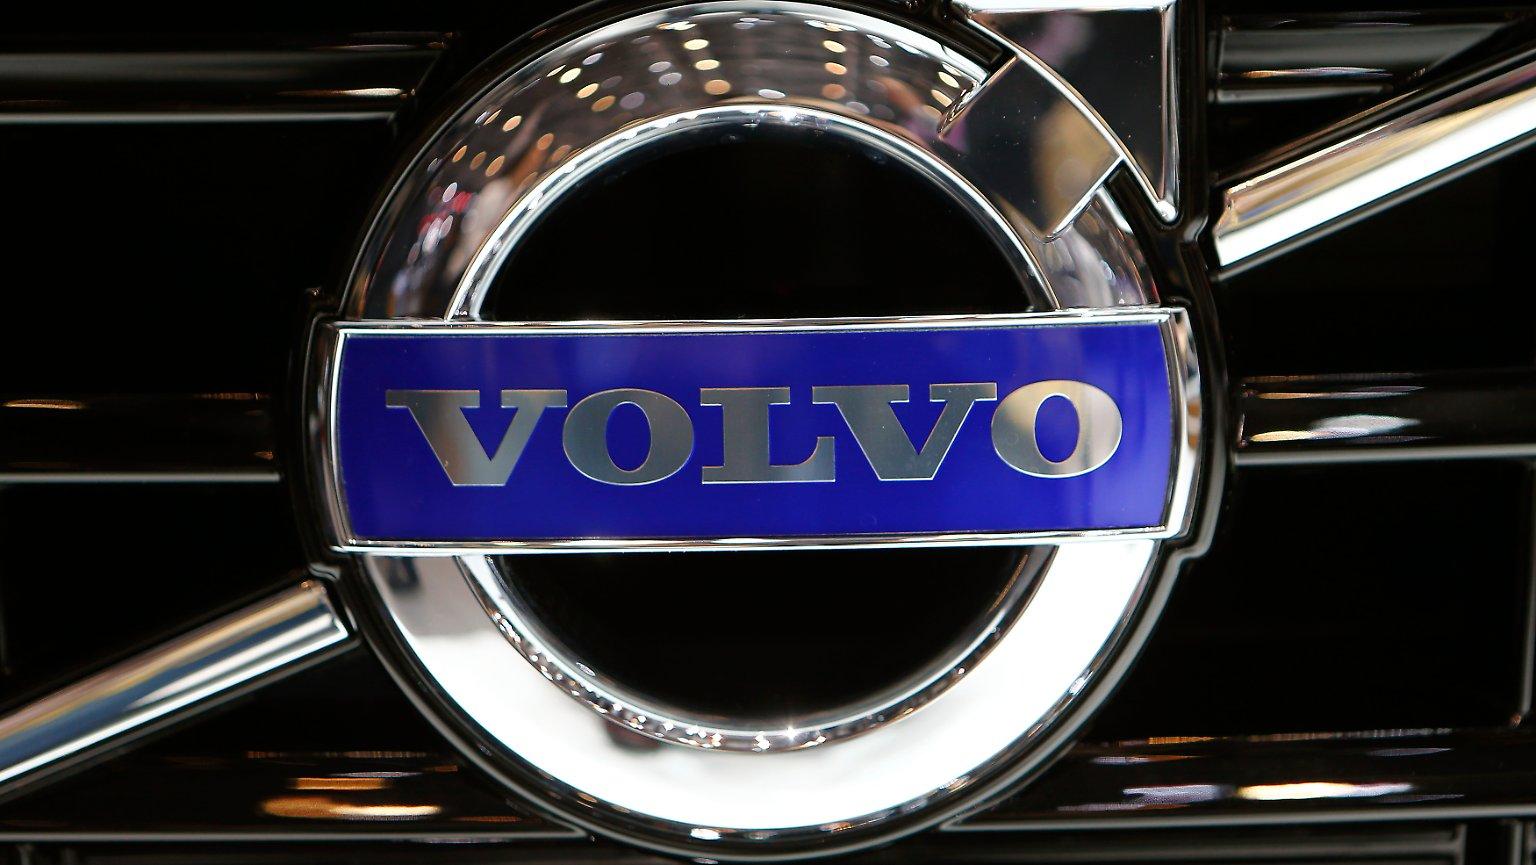 فولفو تطلق سيارة مميزة لفئة الشباب